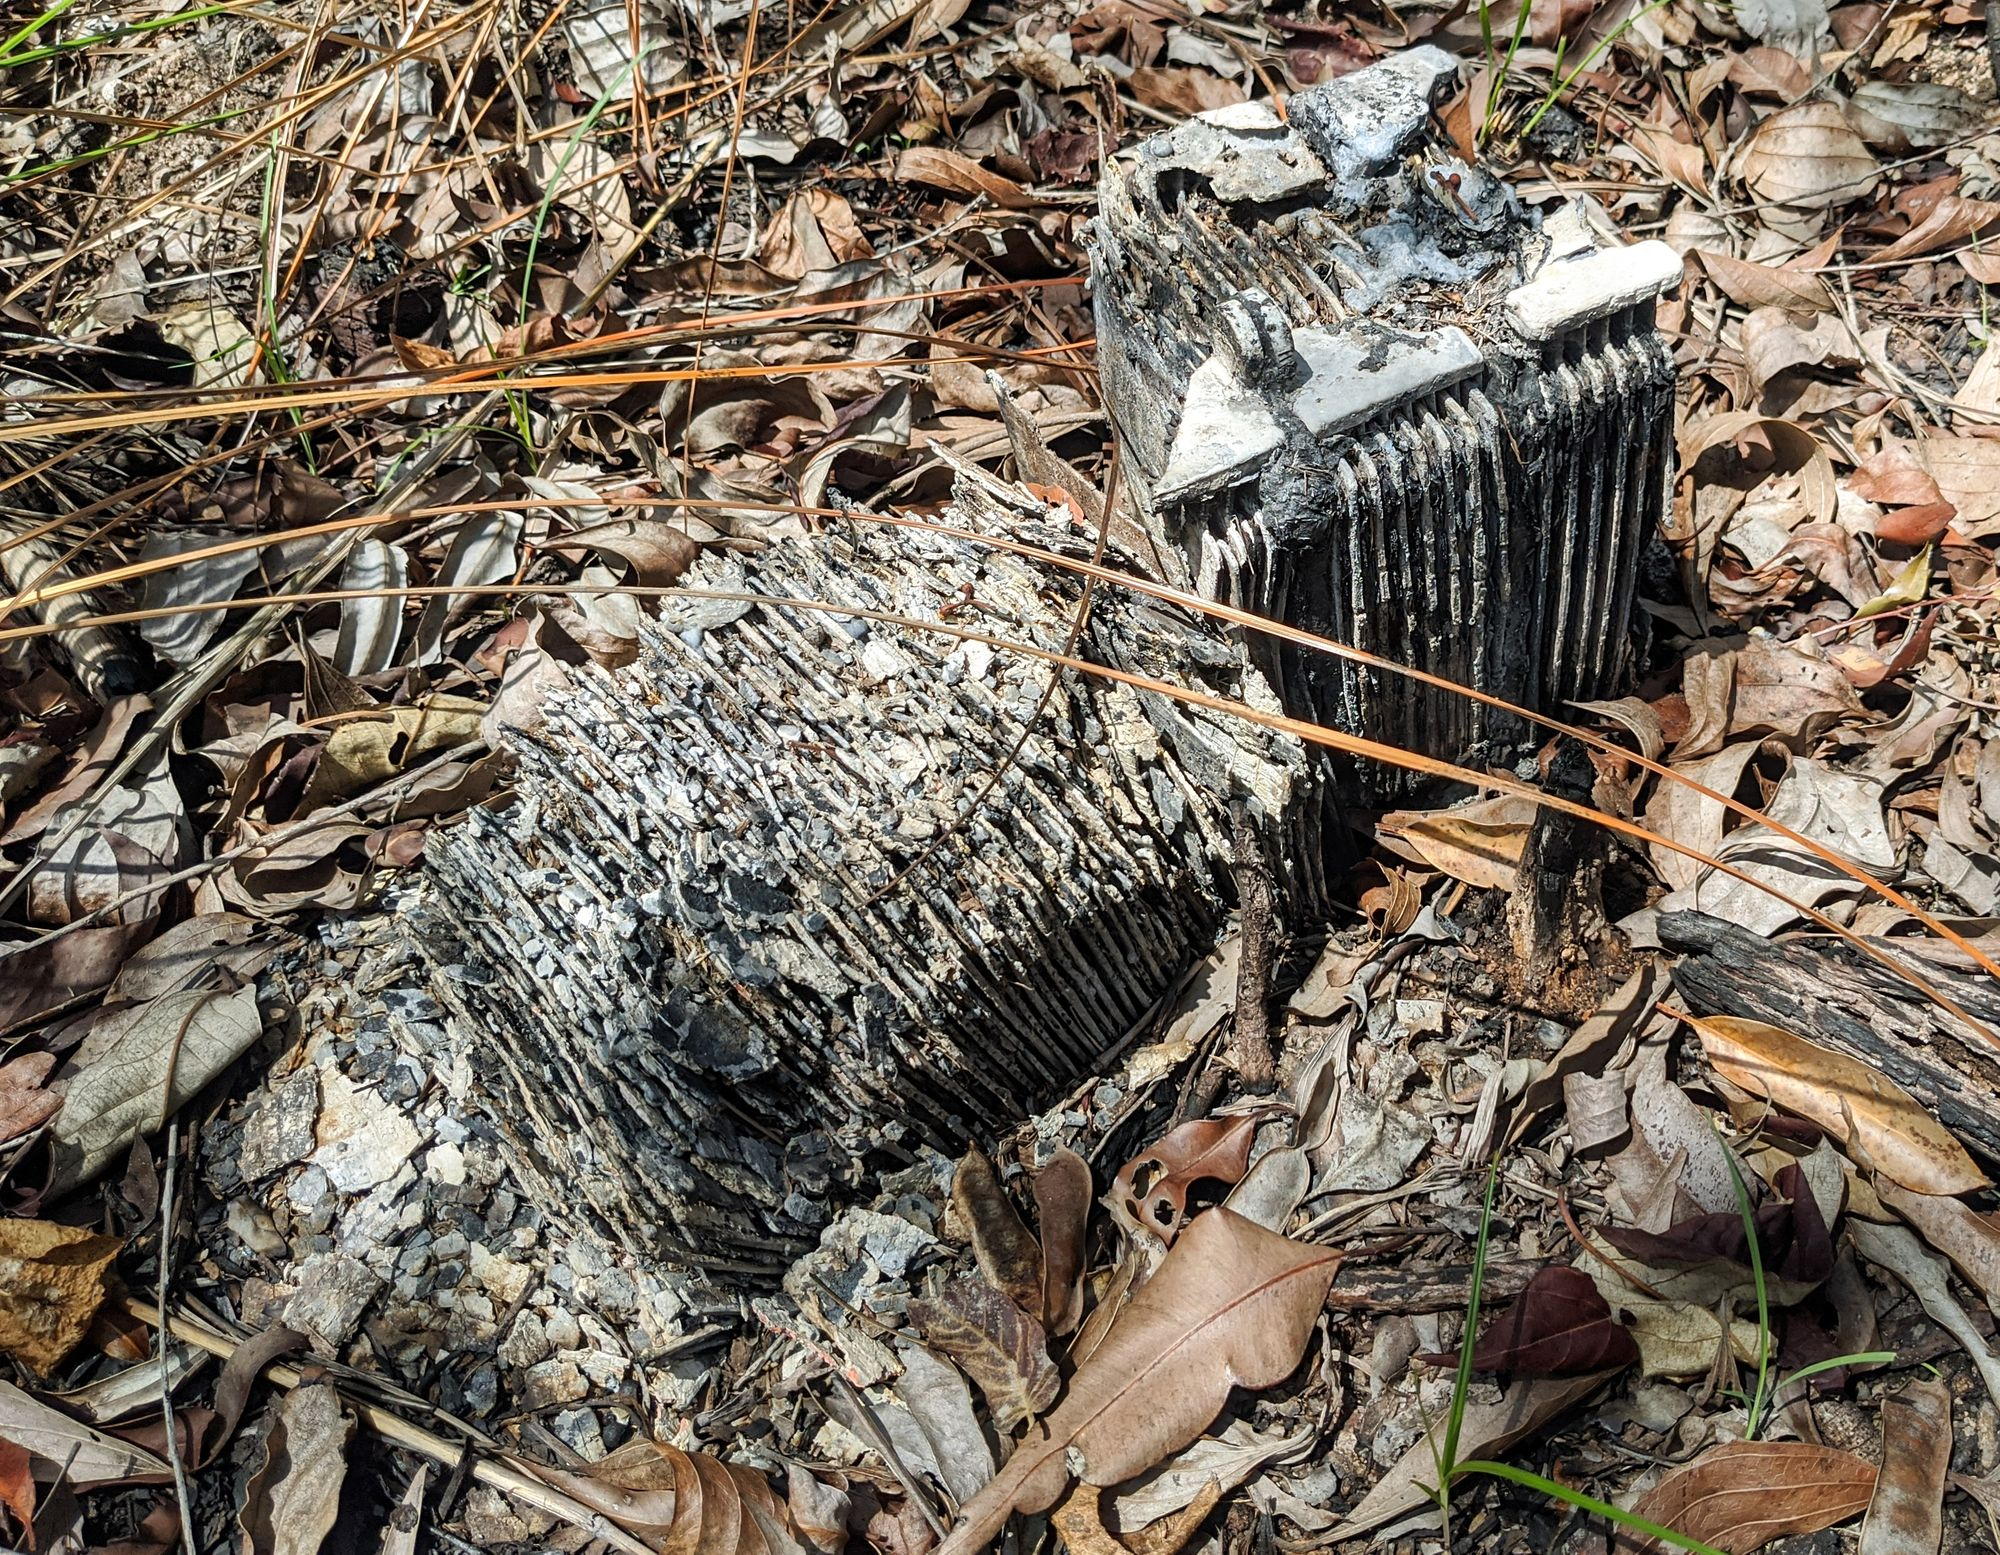 paluma work camp artefacts